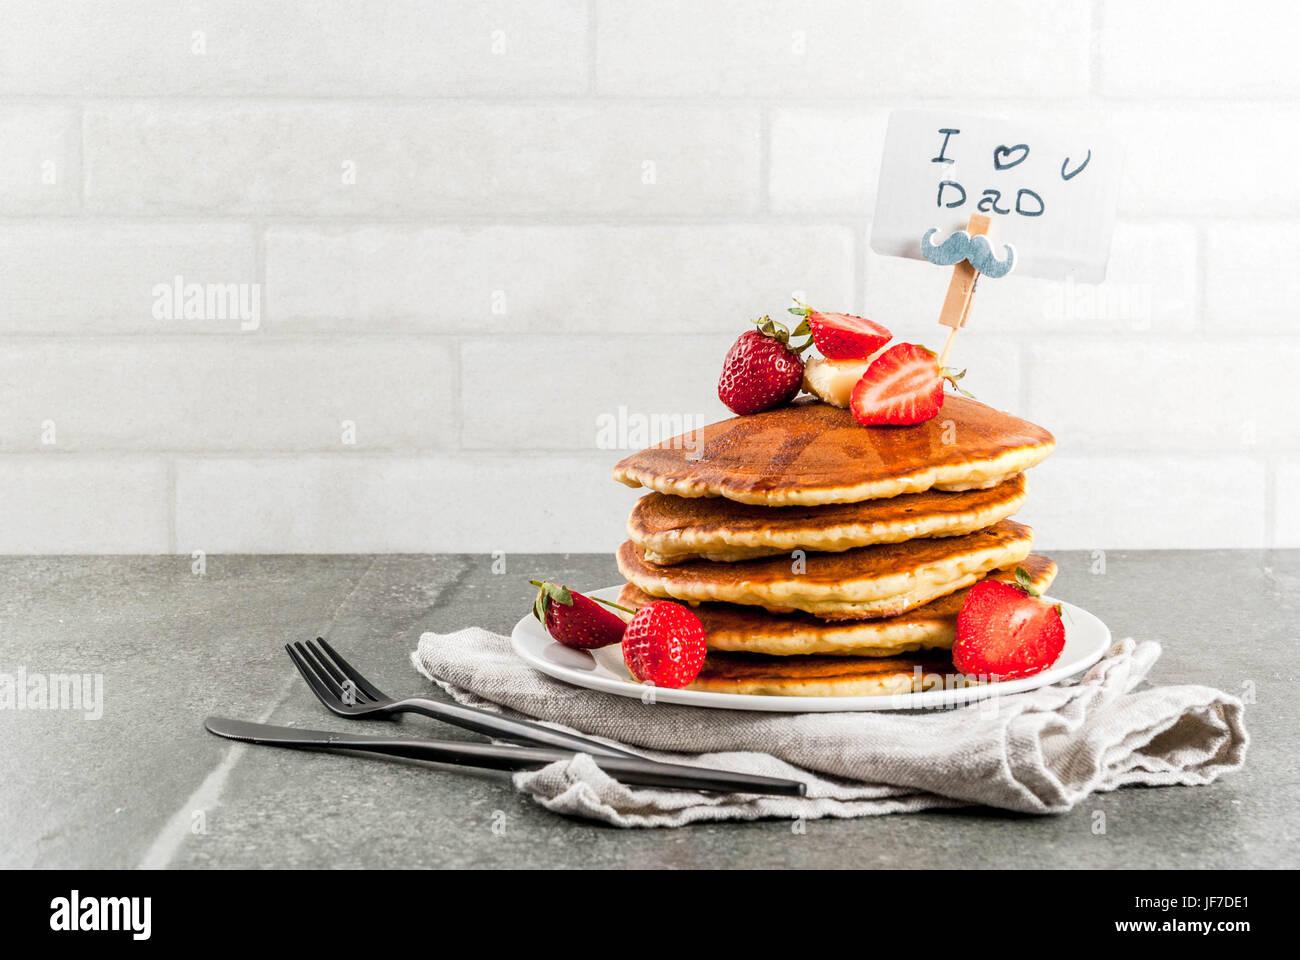 Vatertag feiern. Frühstück. Die Idee zum herzhaften und leckeren Urlaub Frühstück: Pfannkuchen Stockbild